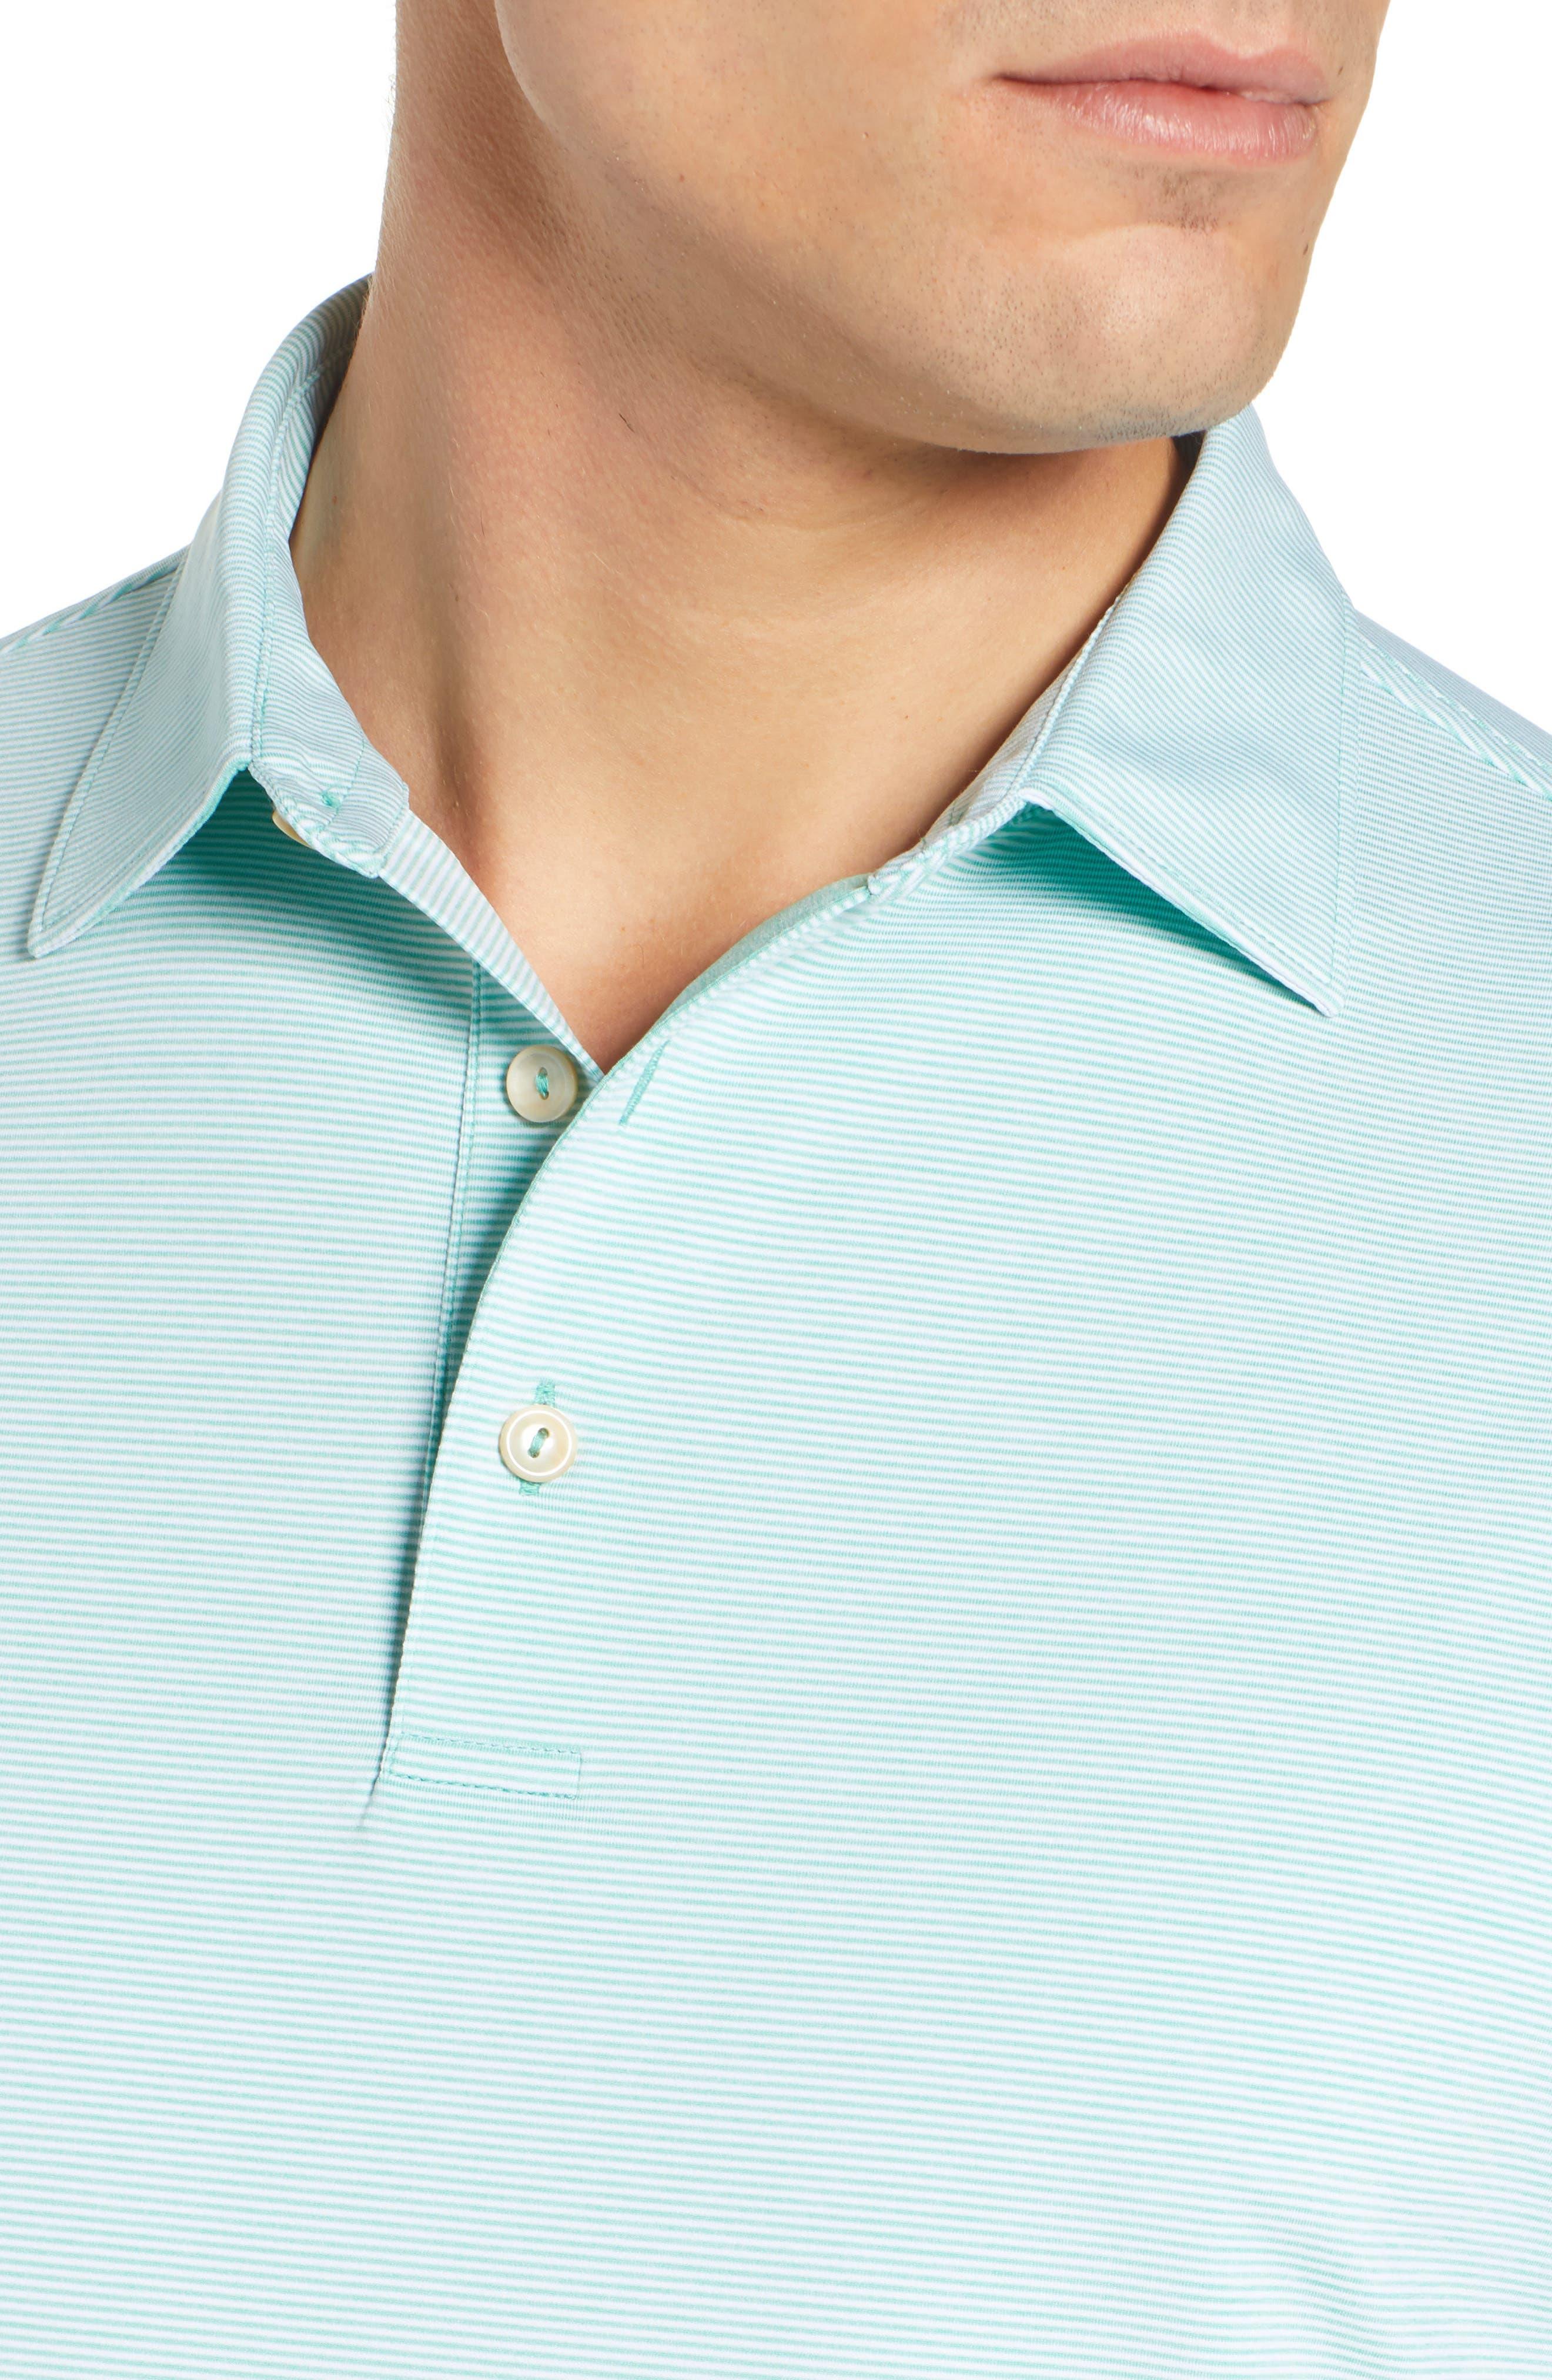 PETER MILLAR, Jubilee Stripe Jersey Polo, Alternate thumbnail 4, color, MEADOW